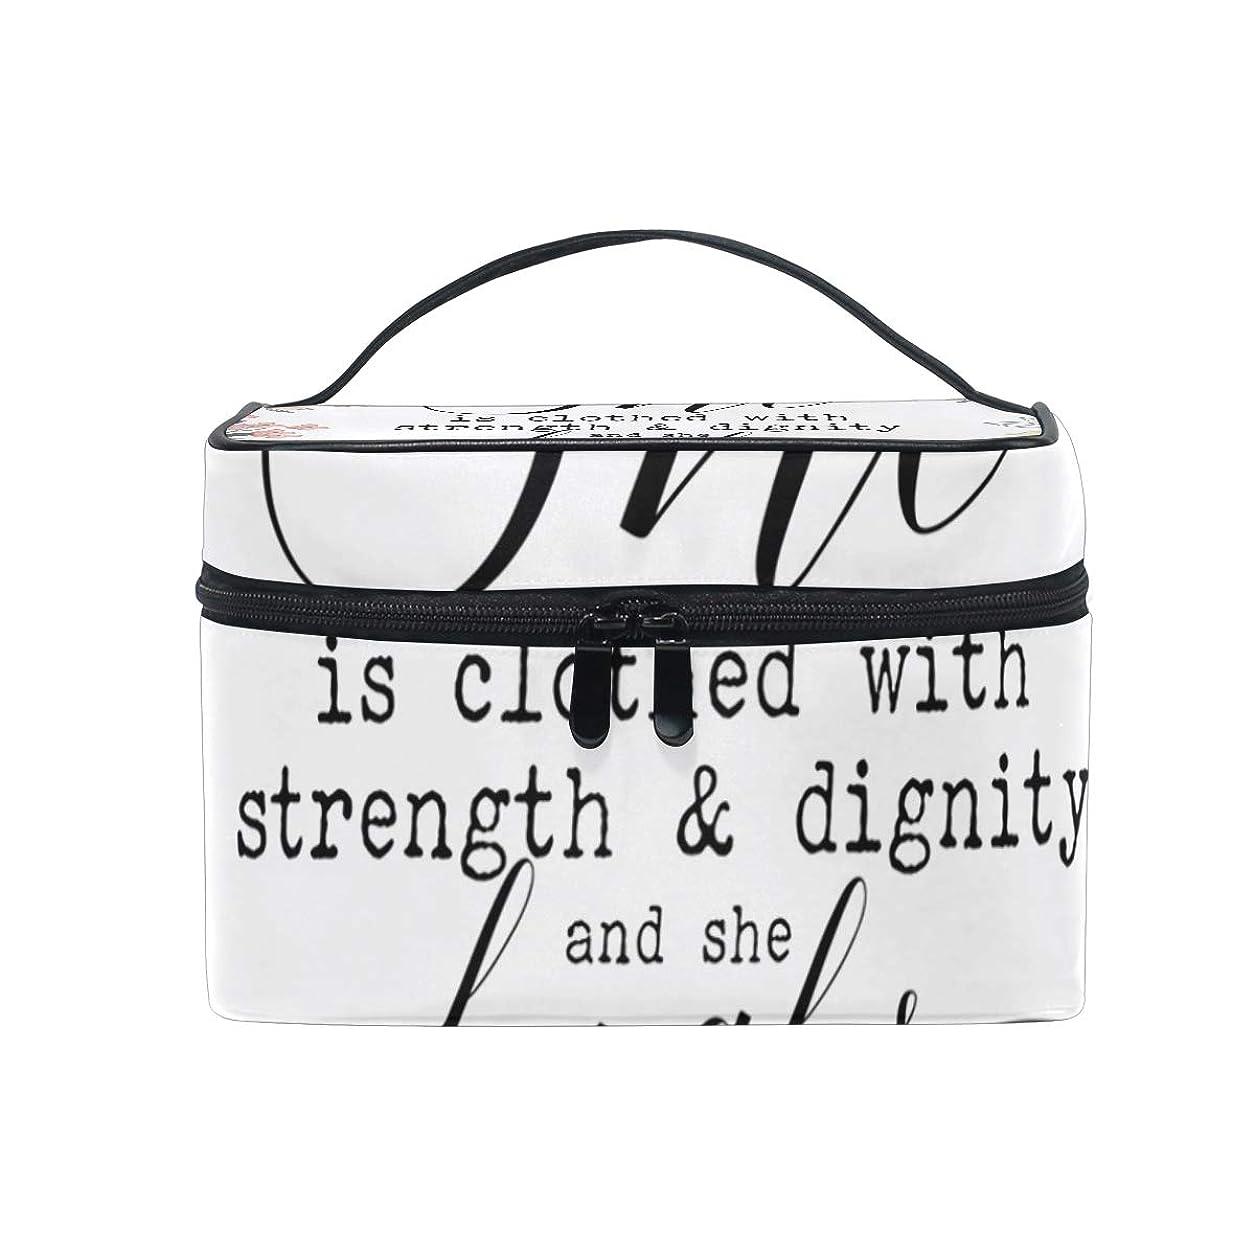 スカイ命題セミナーメイクボックス キリスト教のことわざ柄 化粧ポーチ 化粧品 化粧道具 小物入れ メイクブラシバッグ 大容量 旅行用 収納ケース